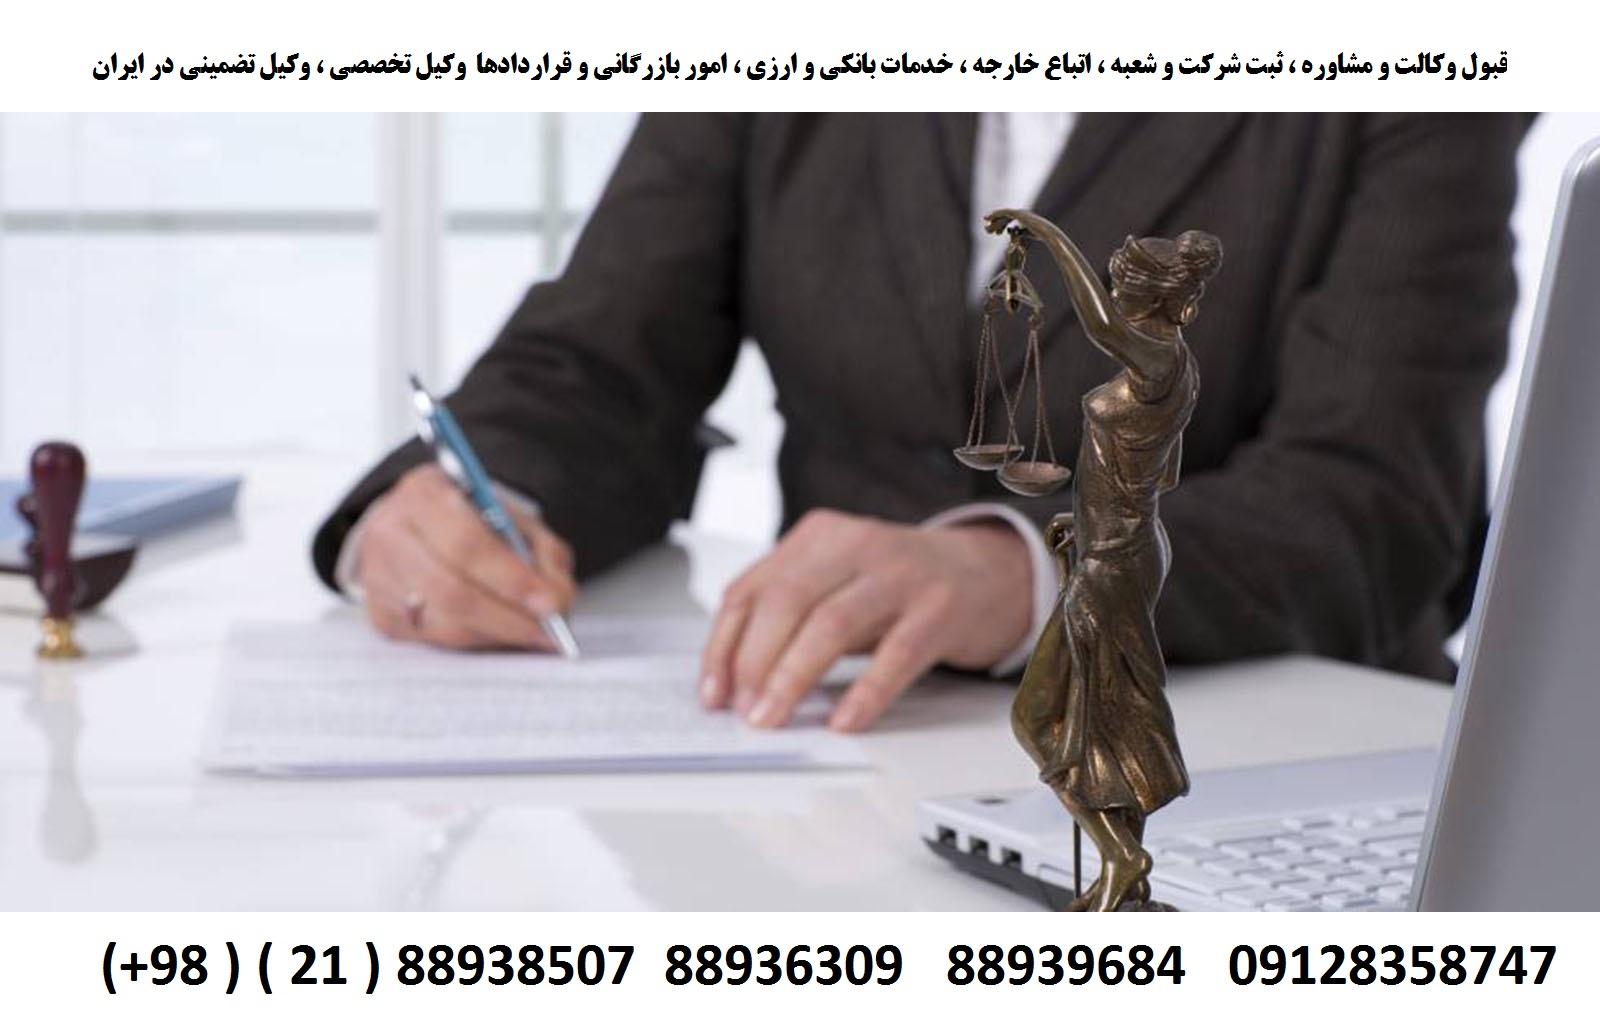 قبول وکالت و مشاوره ، ثبت شرکت و شعبه ، خدمات بانکی و ارزی ، بازرگانی (3)